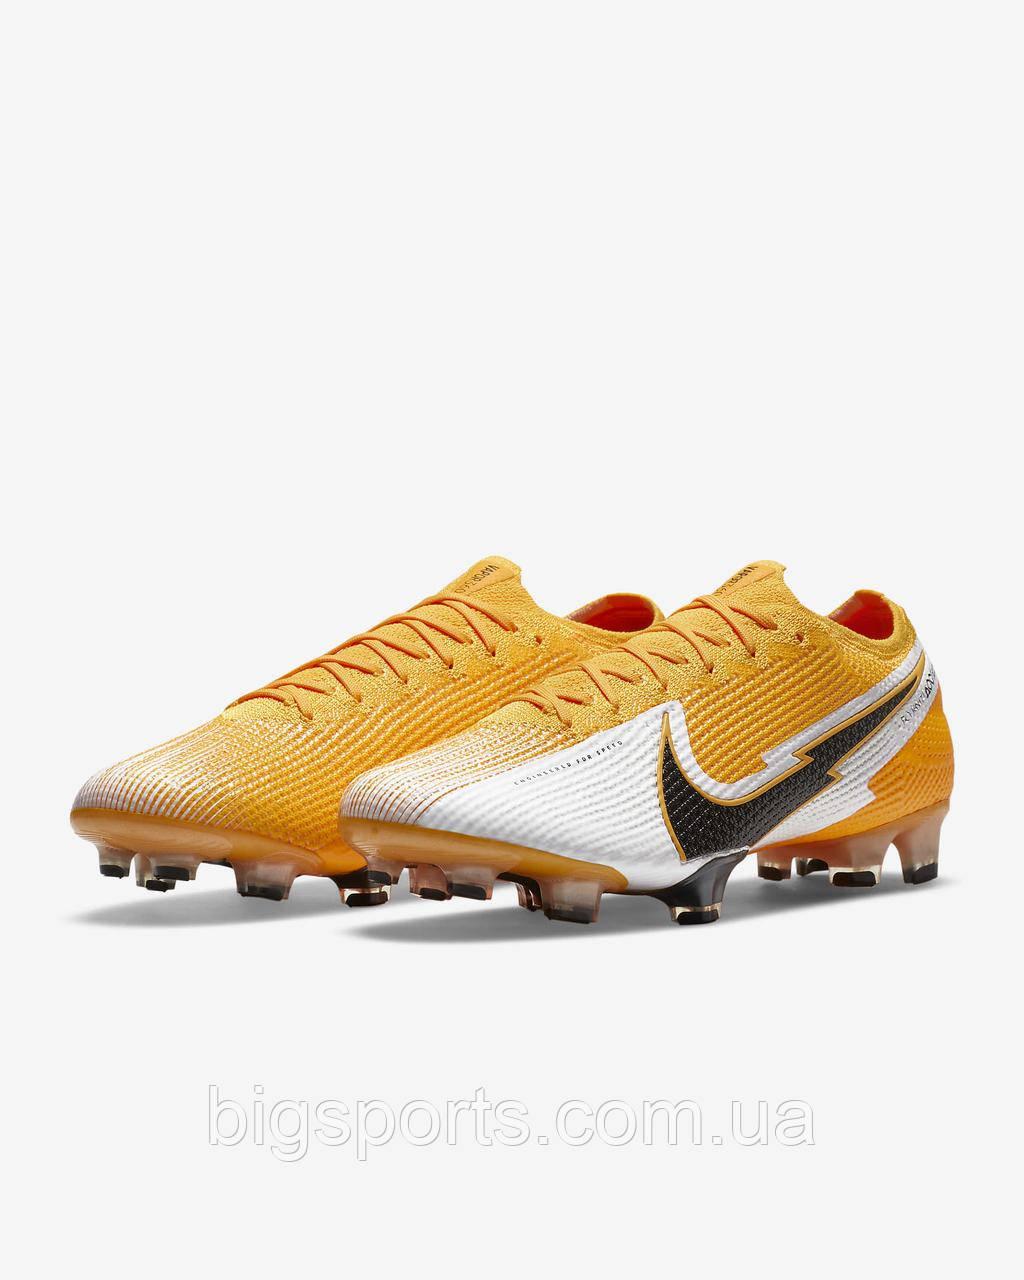 Бутси футбольні чоловік. Nike Mercurial Vapor 13 Elite FG (арт. AQ4176-801)